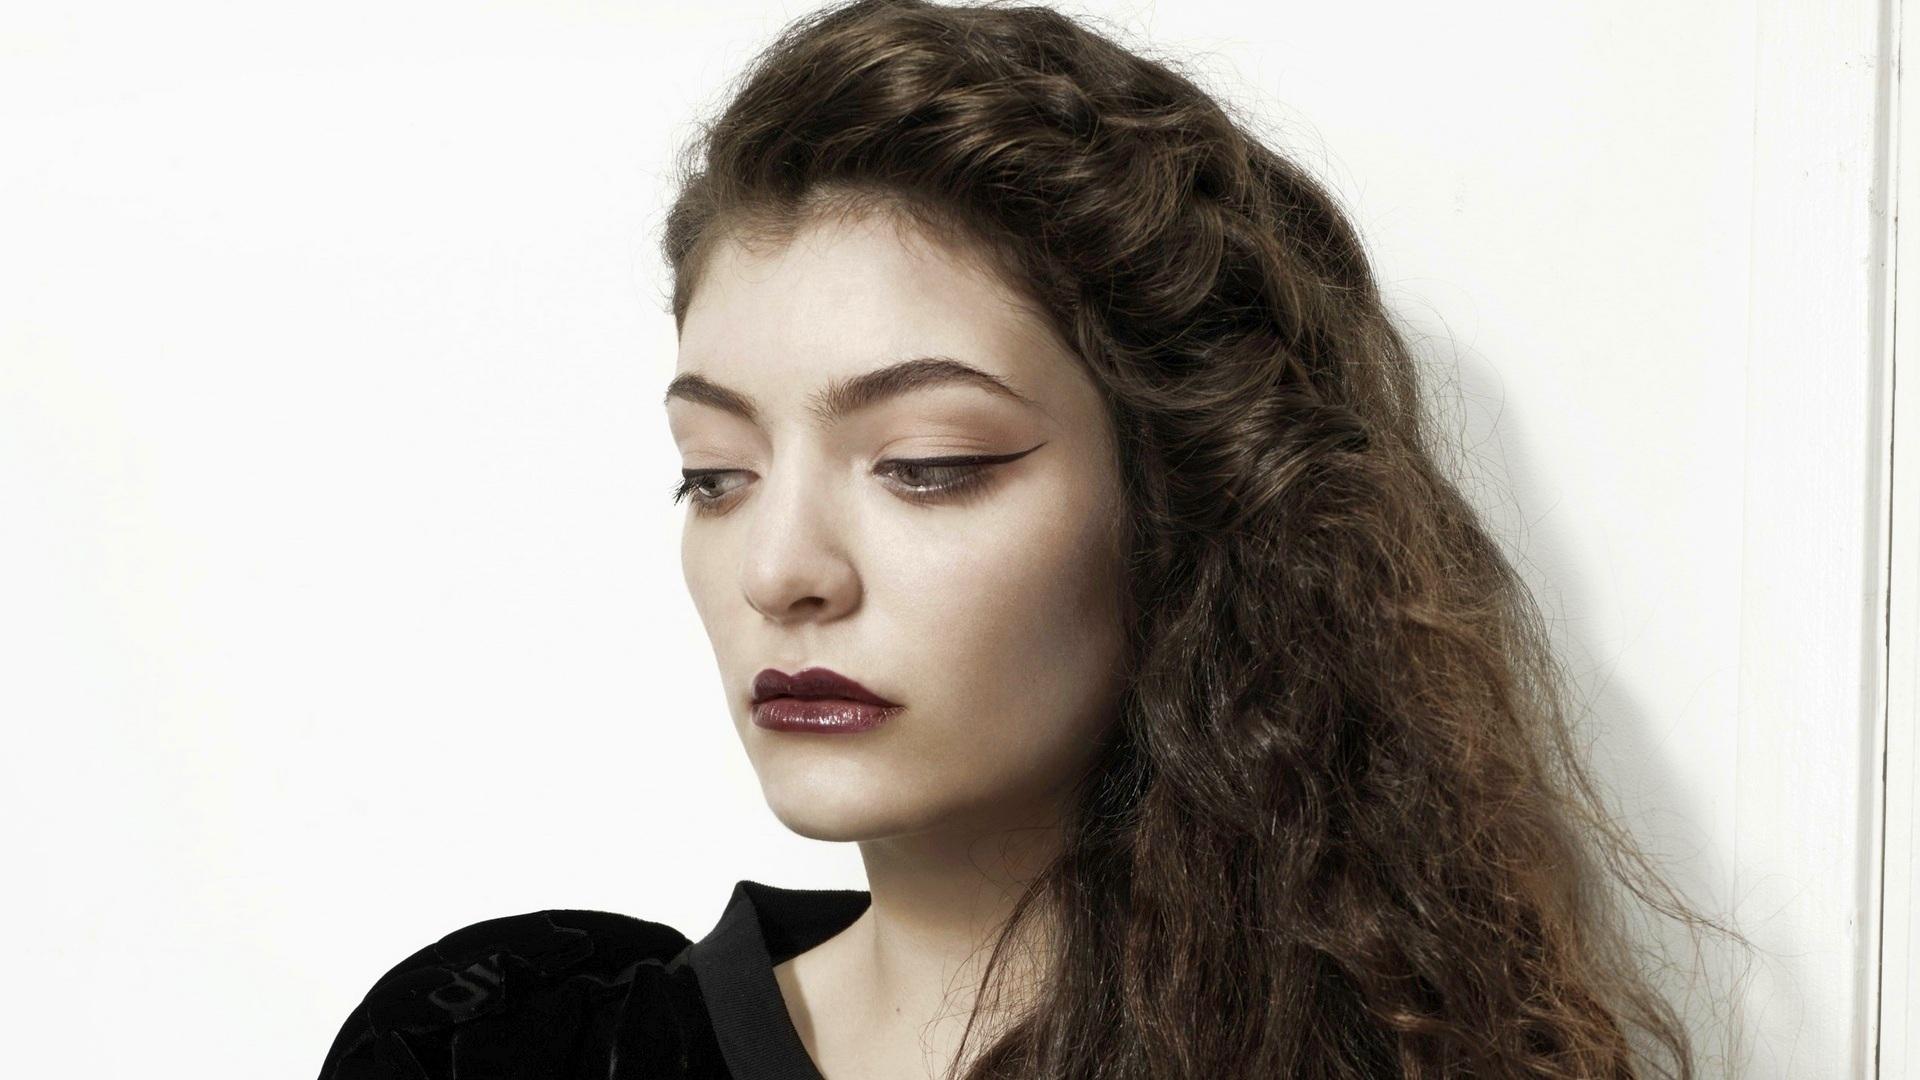 Lorde Lorde